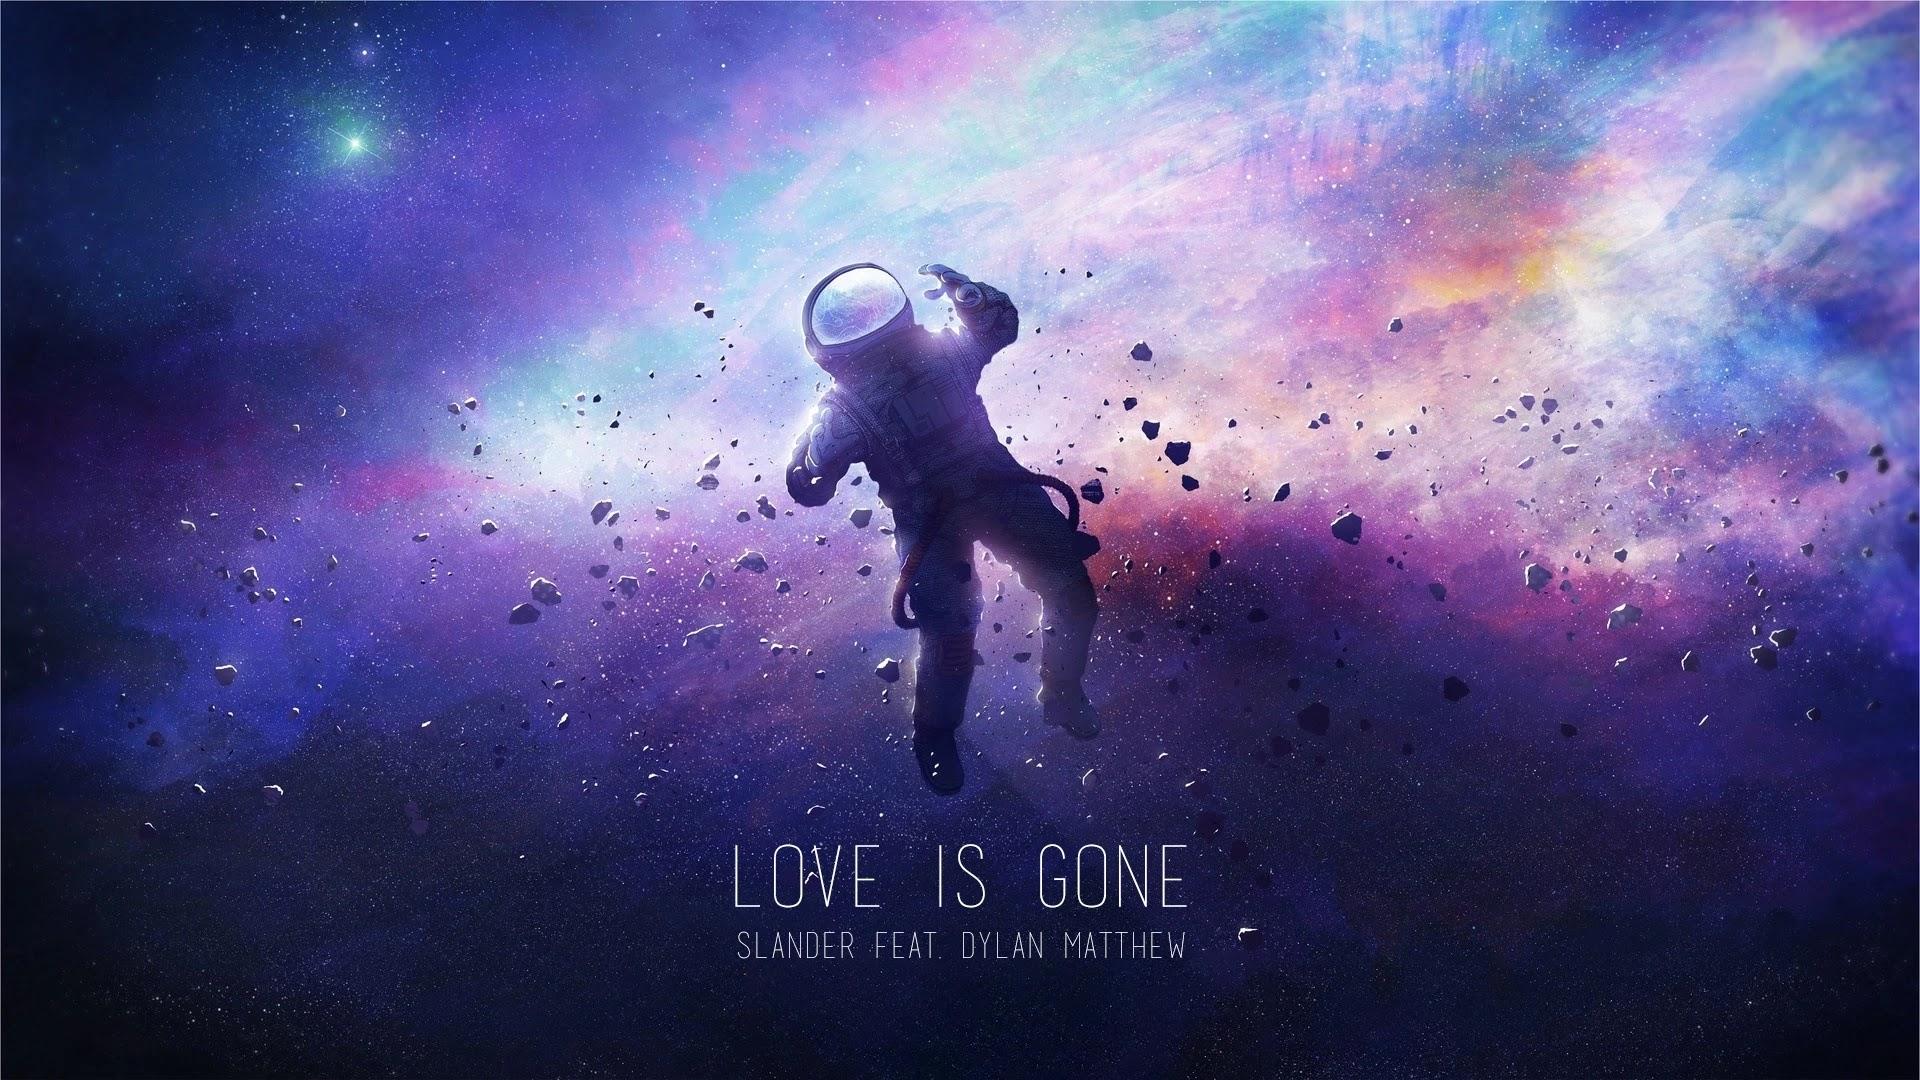 Love Is Gone - SLANDER feat. Dylan Matthew